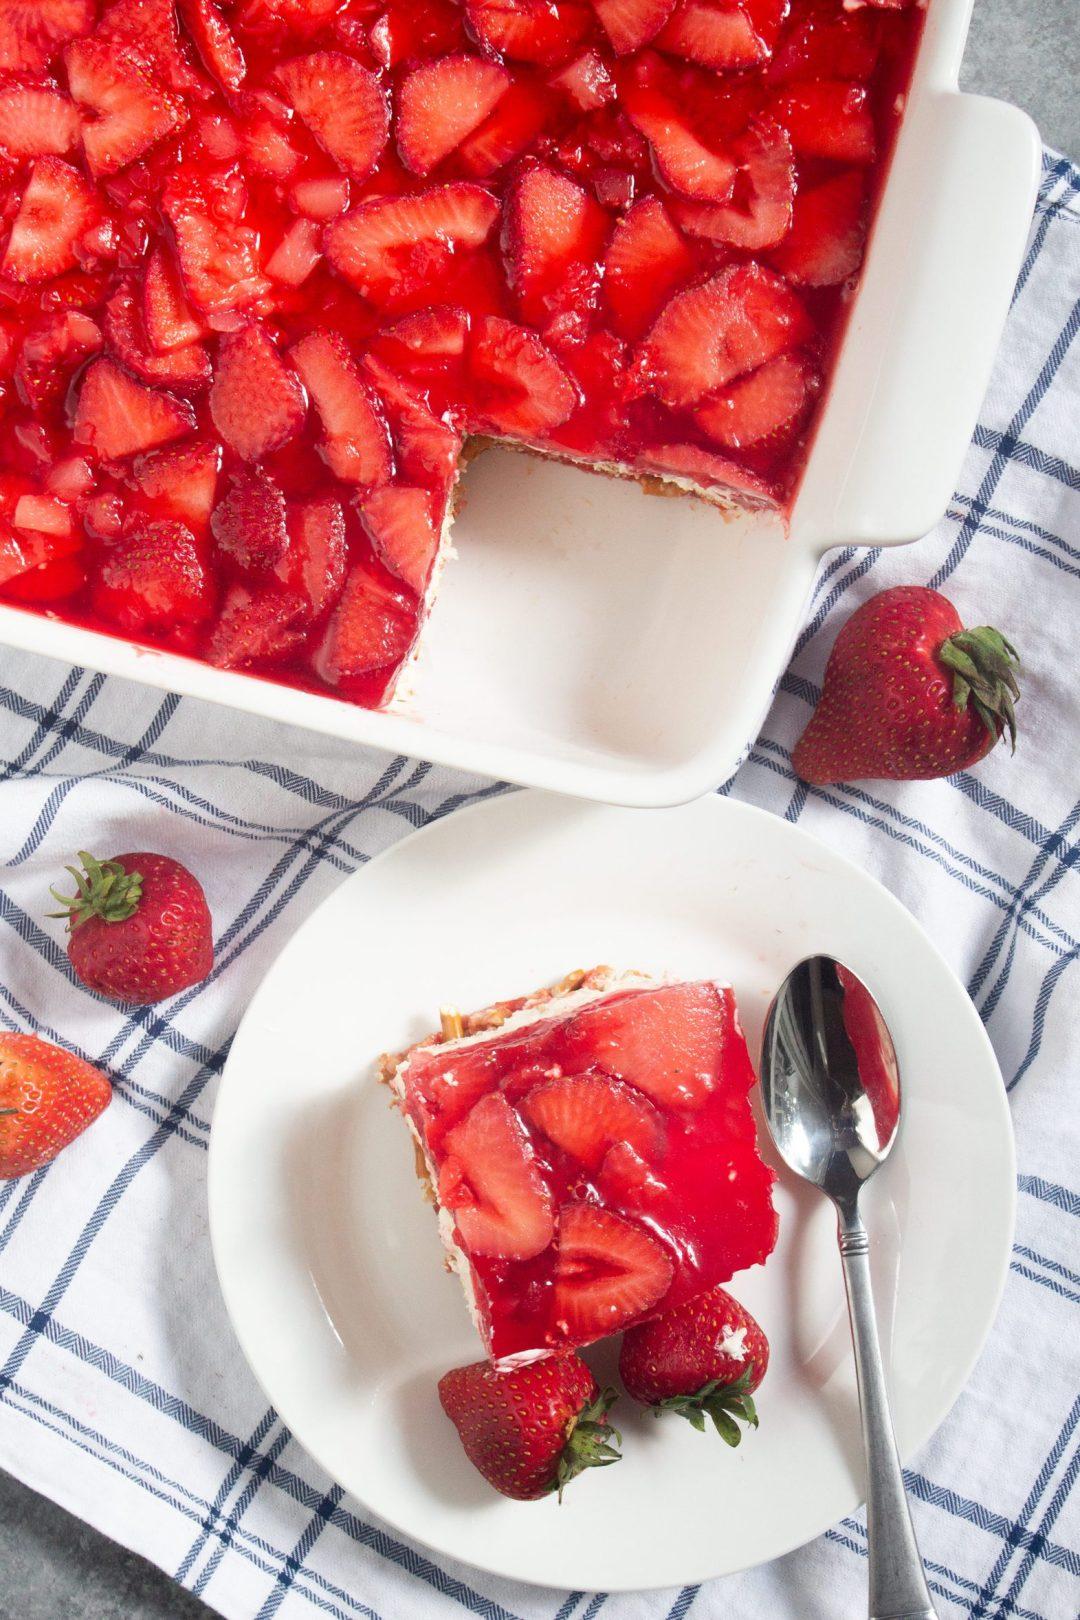 Strawberry jello salad, strawberry jello dessert, fresh strawberries, coco and ash,